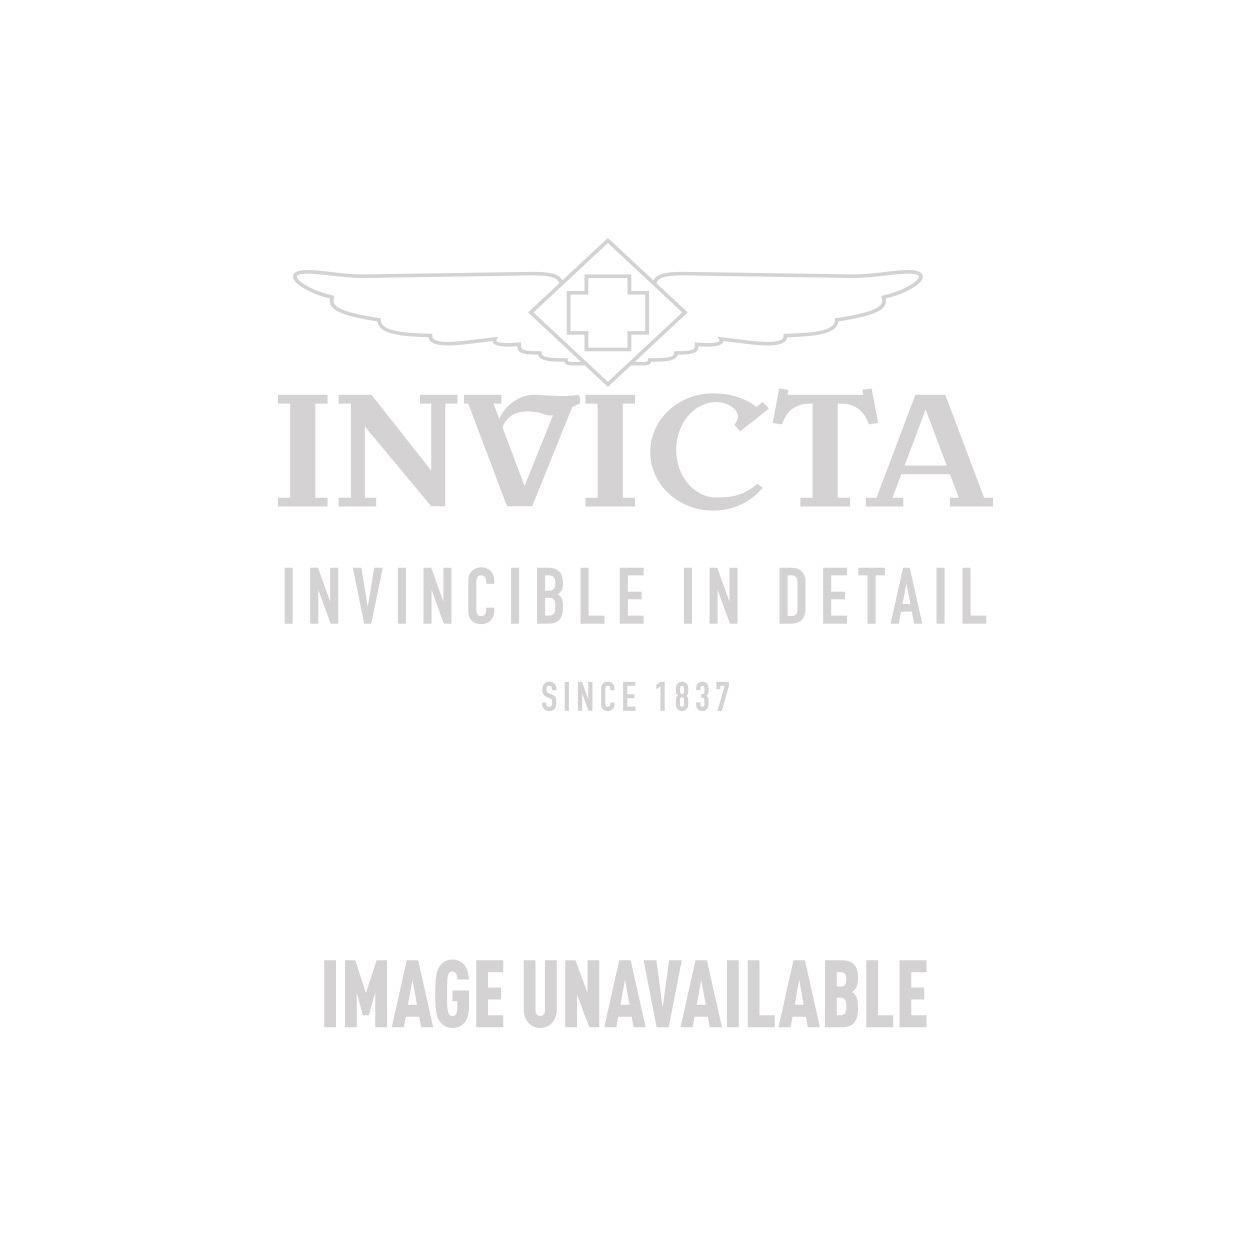 Invicta Venom  Quartz Watch - Stainless Steel case Stainless Steel band - Model 1538